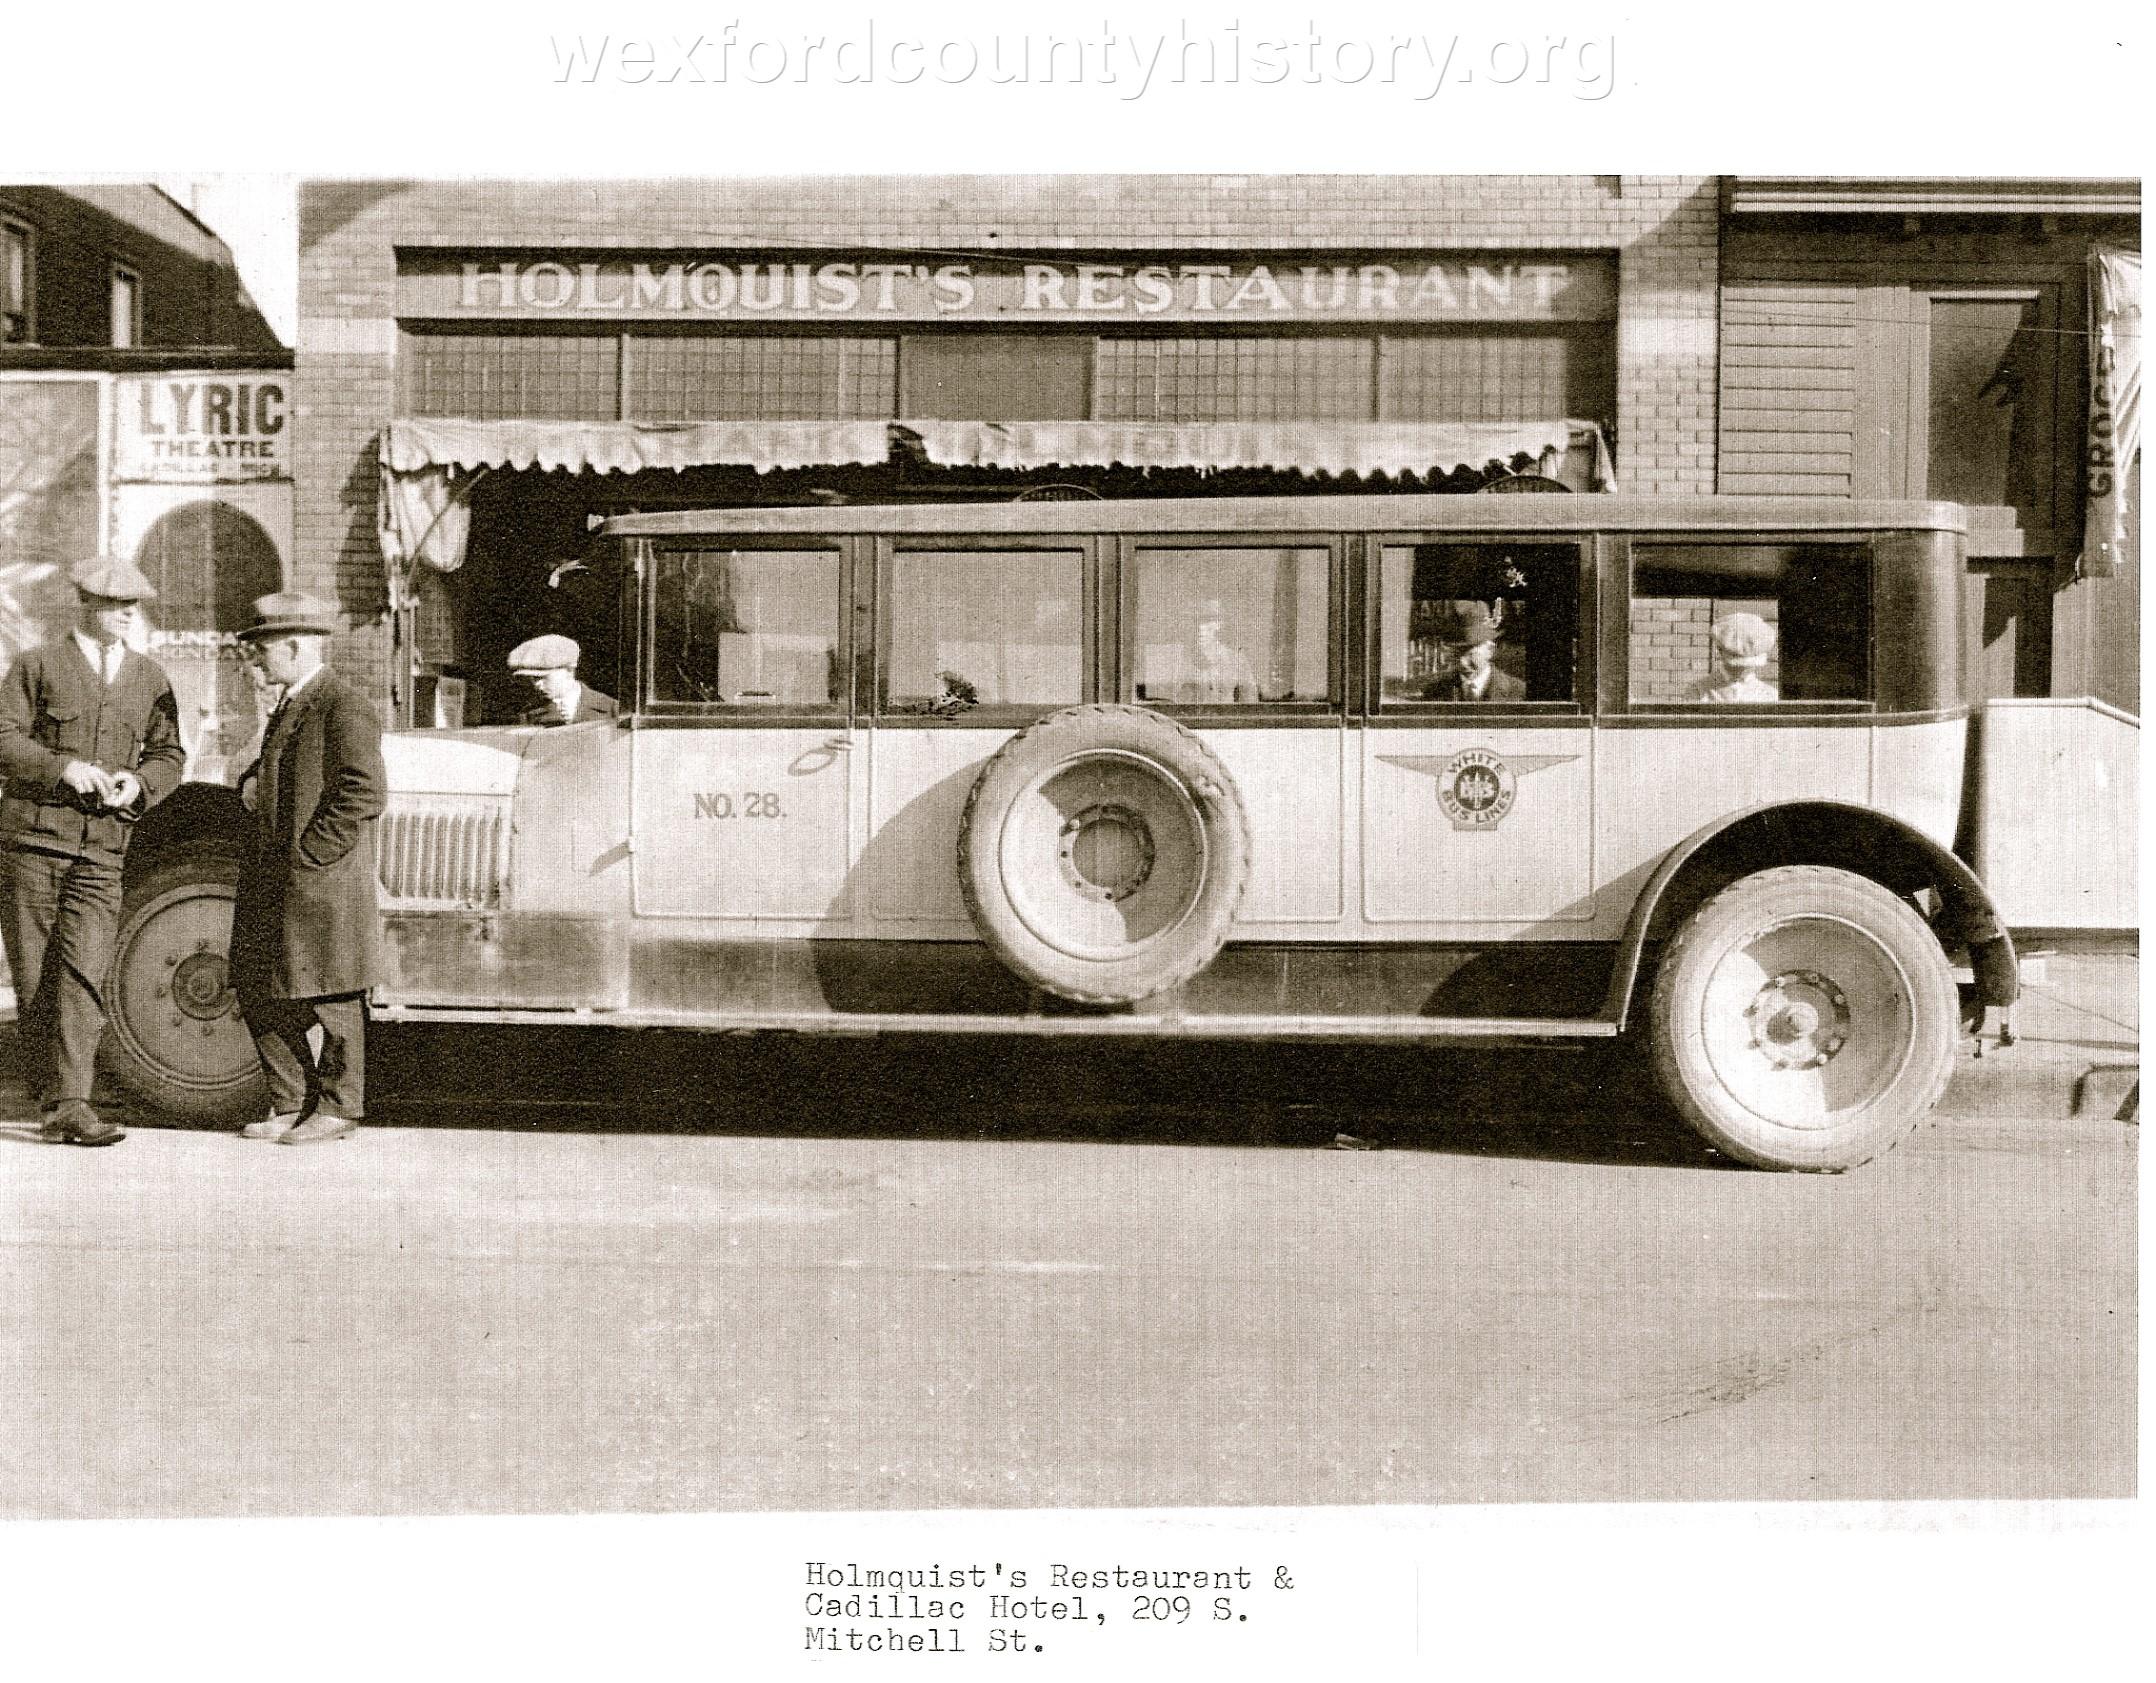 Cadillac Hotel Bus Stop